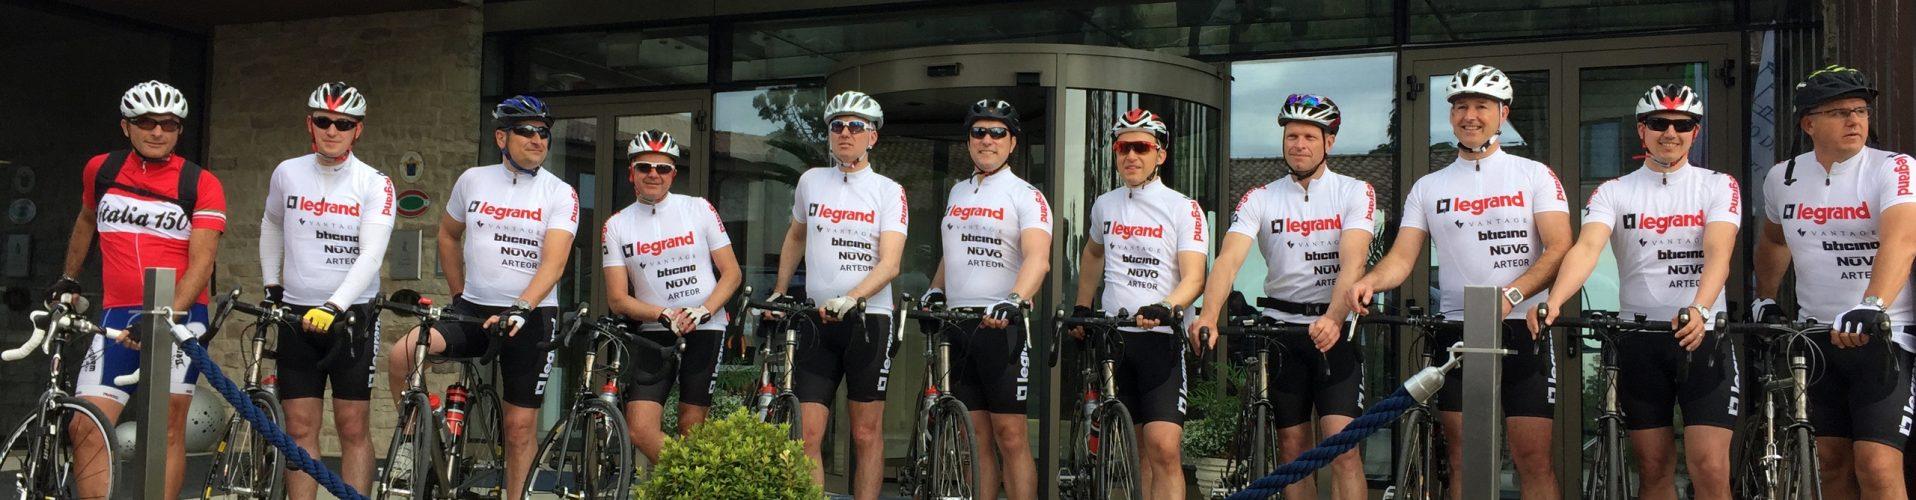 Bike Rental for Bike Tours in Europe